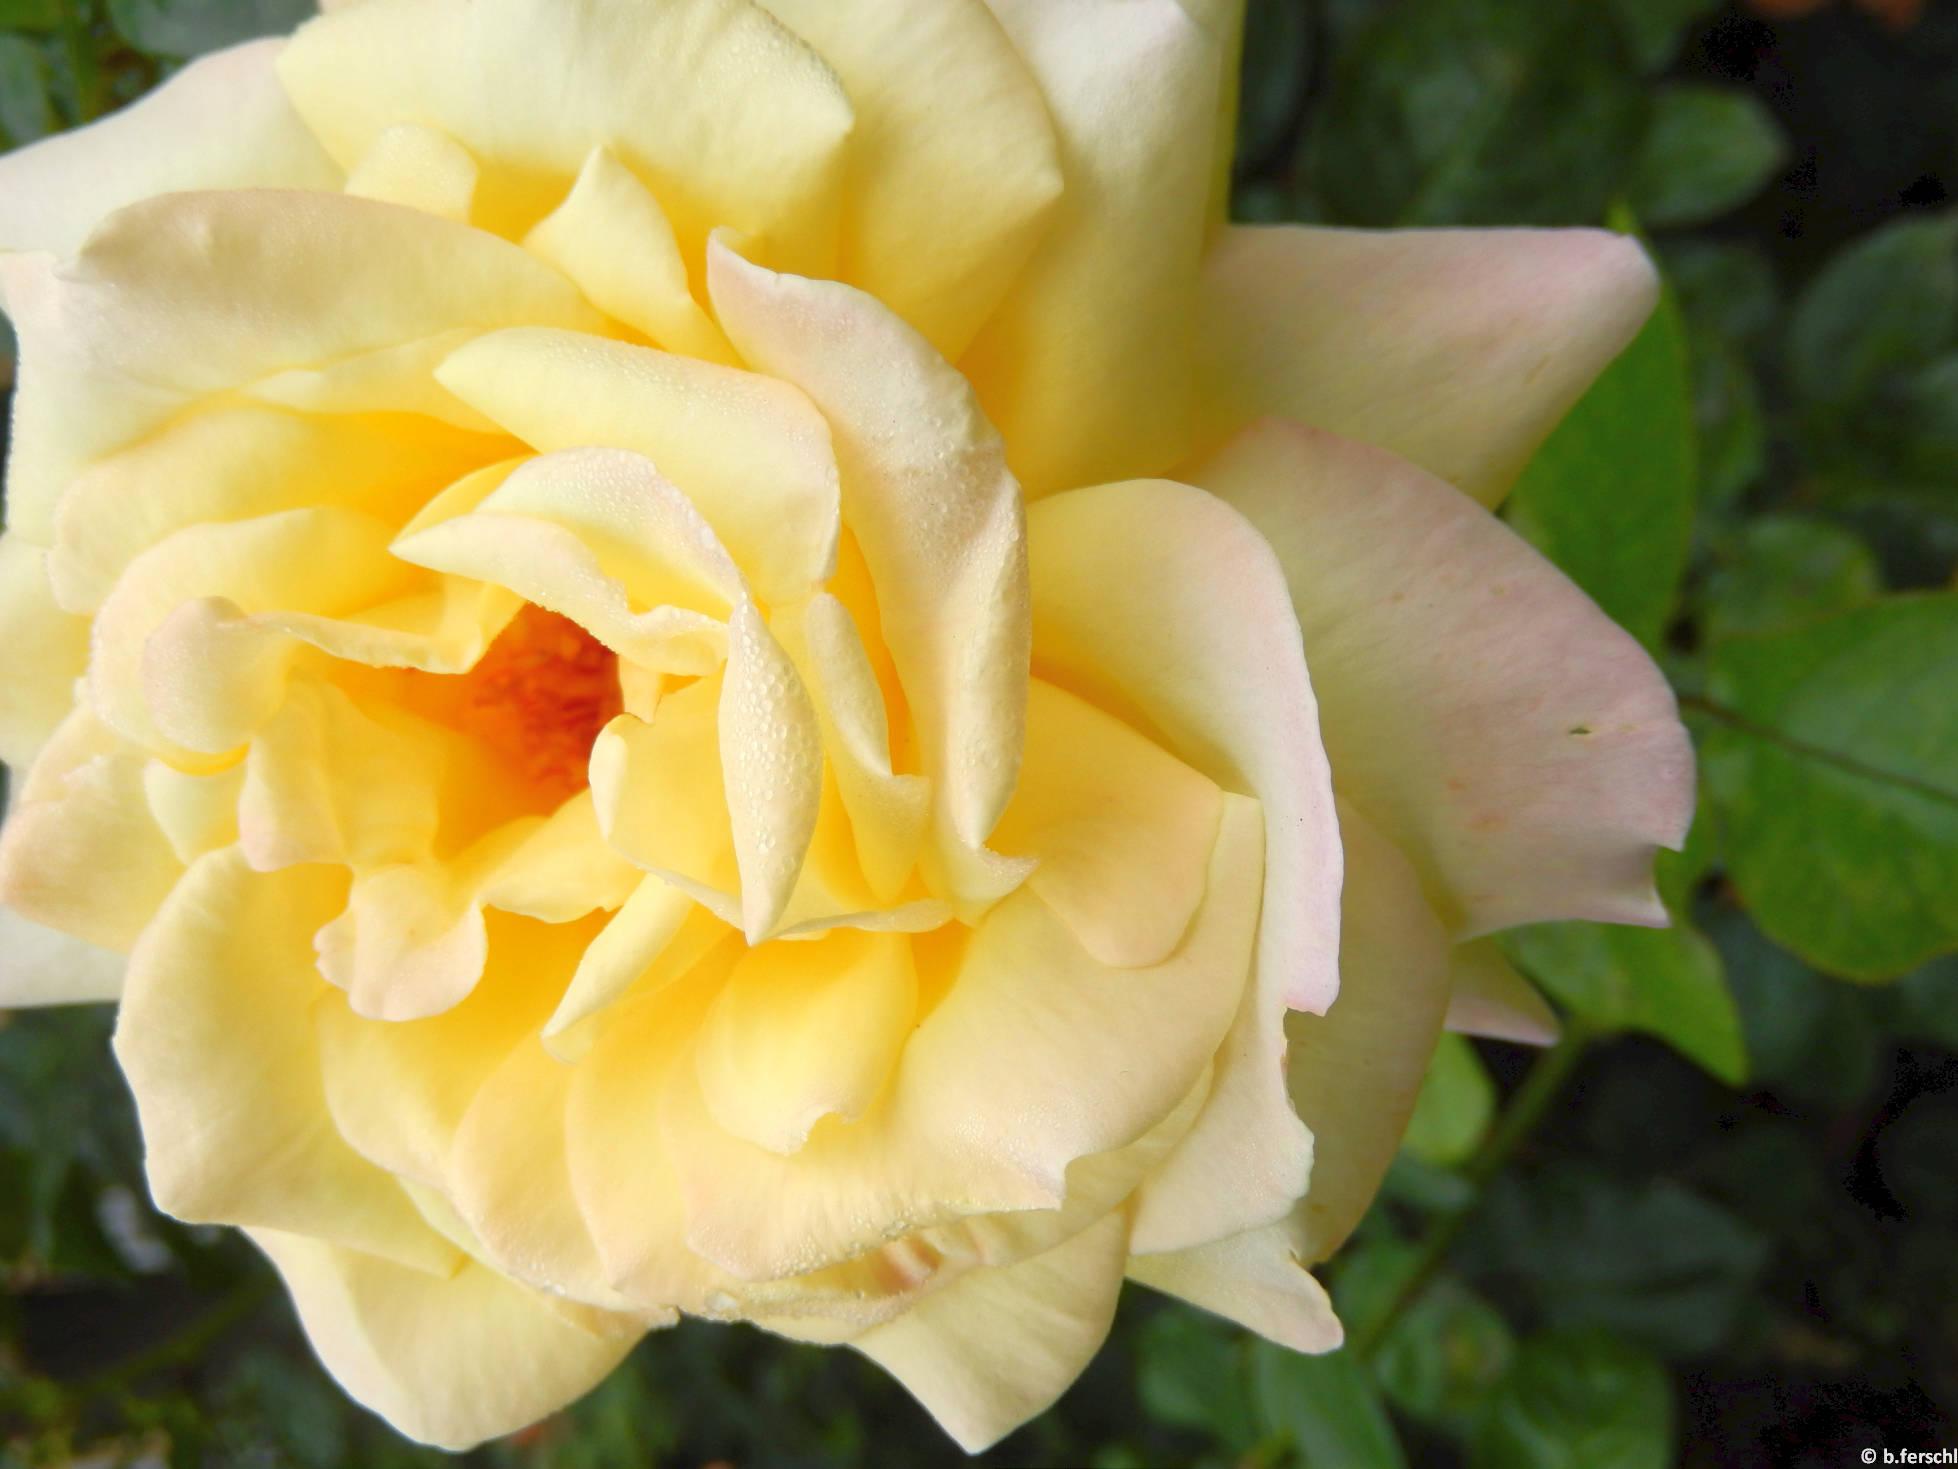 Bethlen Kata emléke teahibrid rózsa